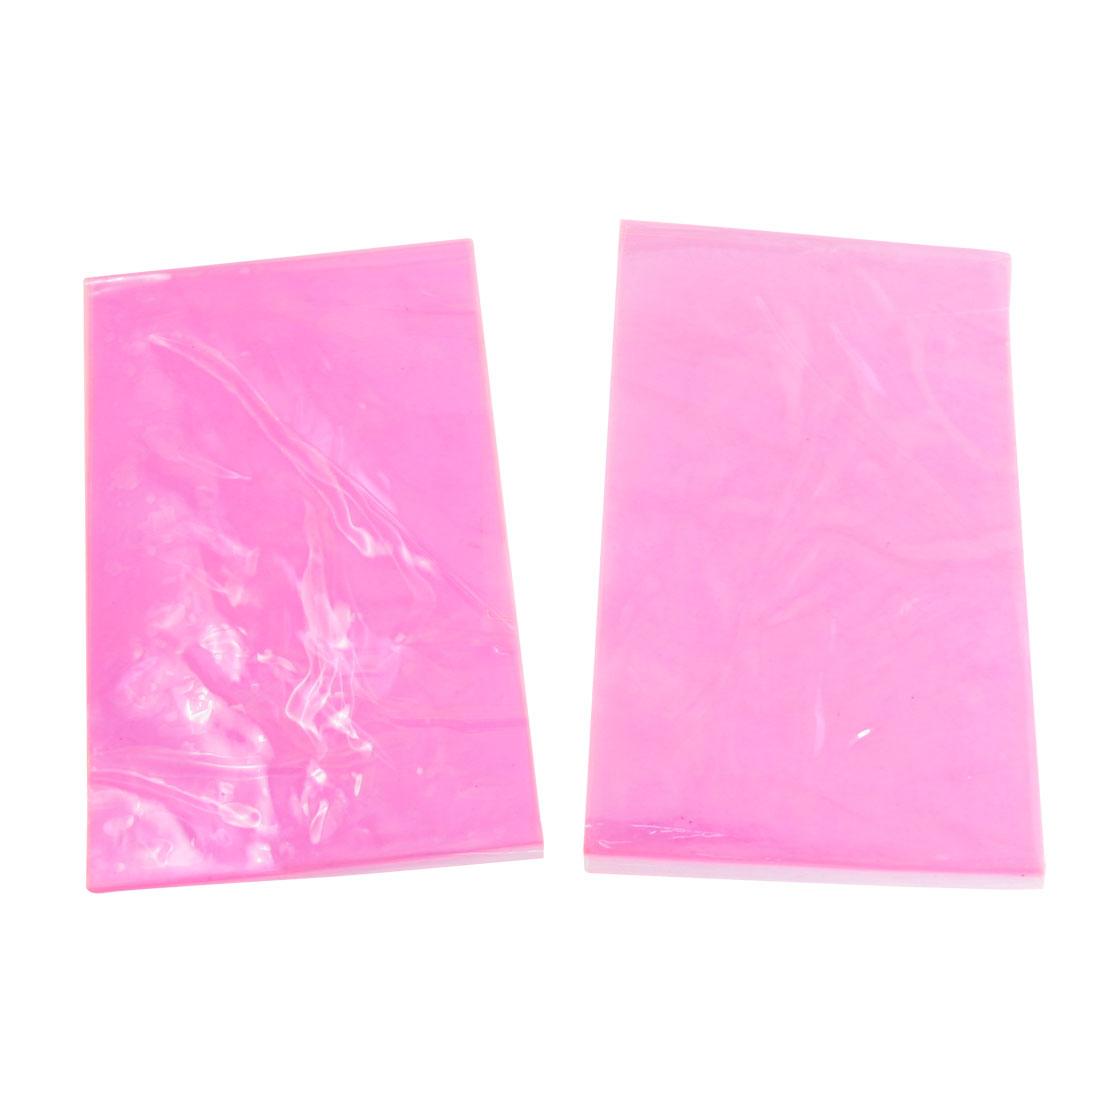 2 Pcs Clear Pink Soft Plastic Band Leg Shaper Slimming Sauna Belt